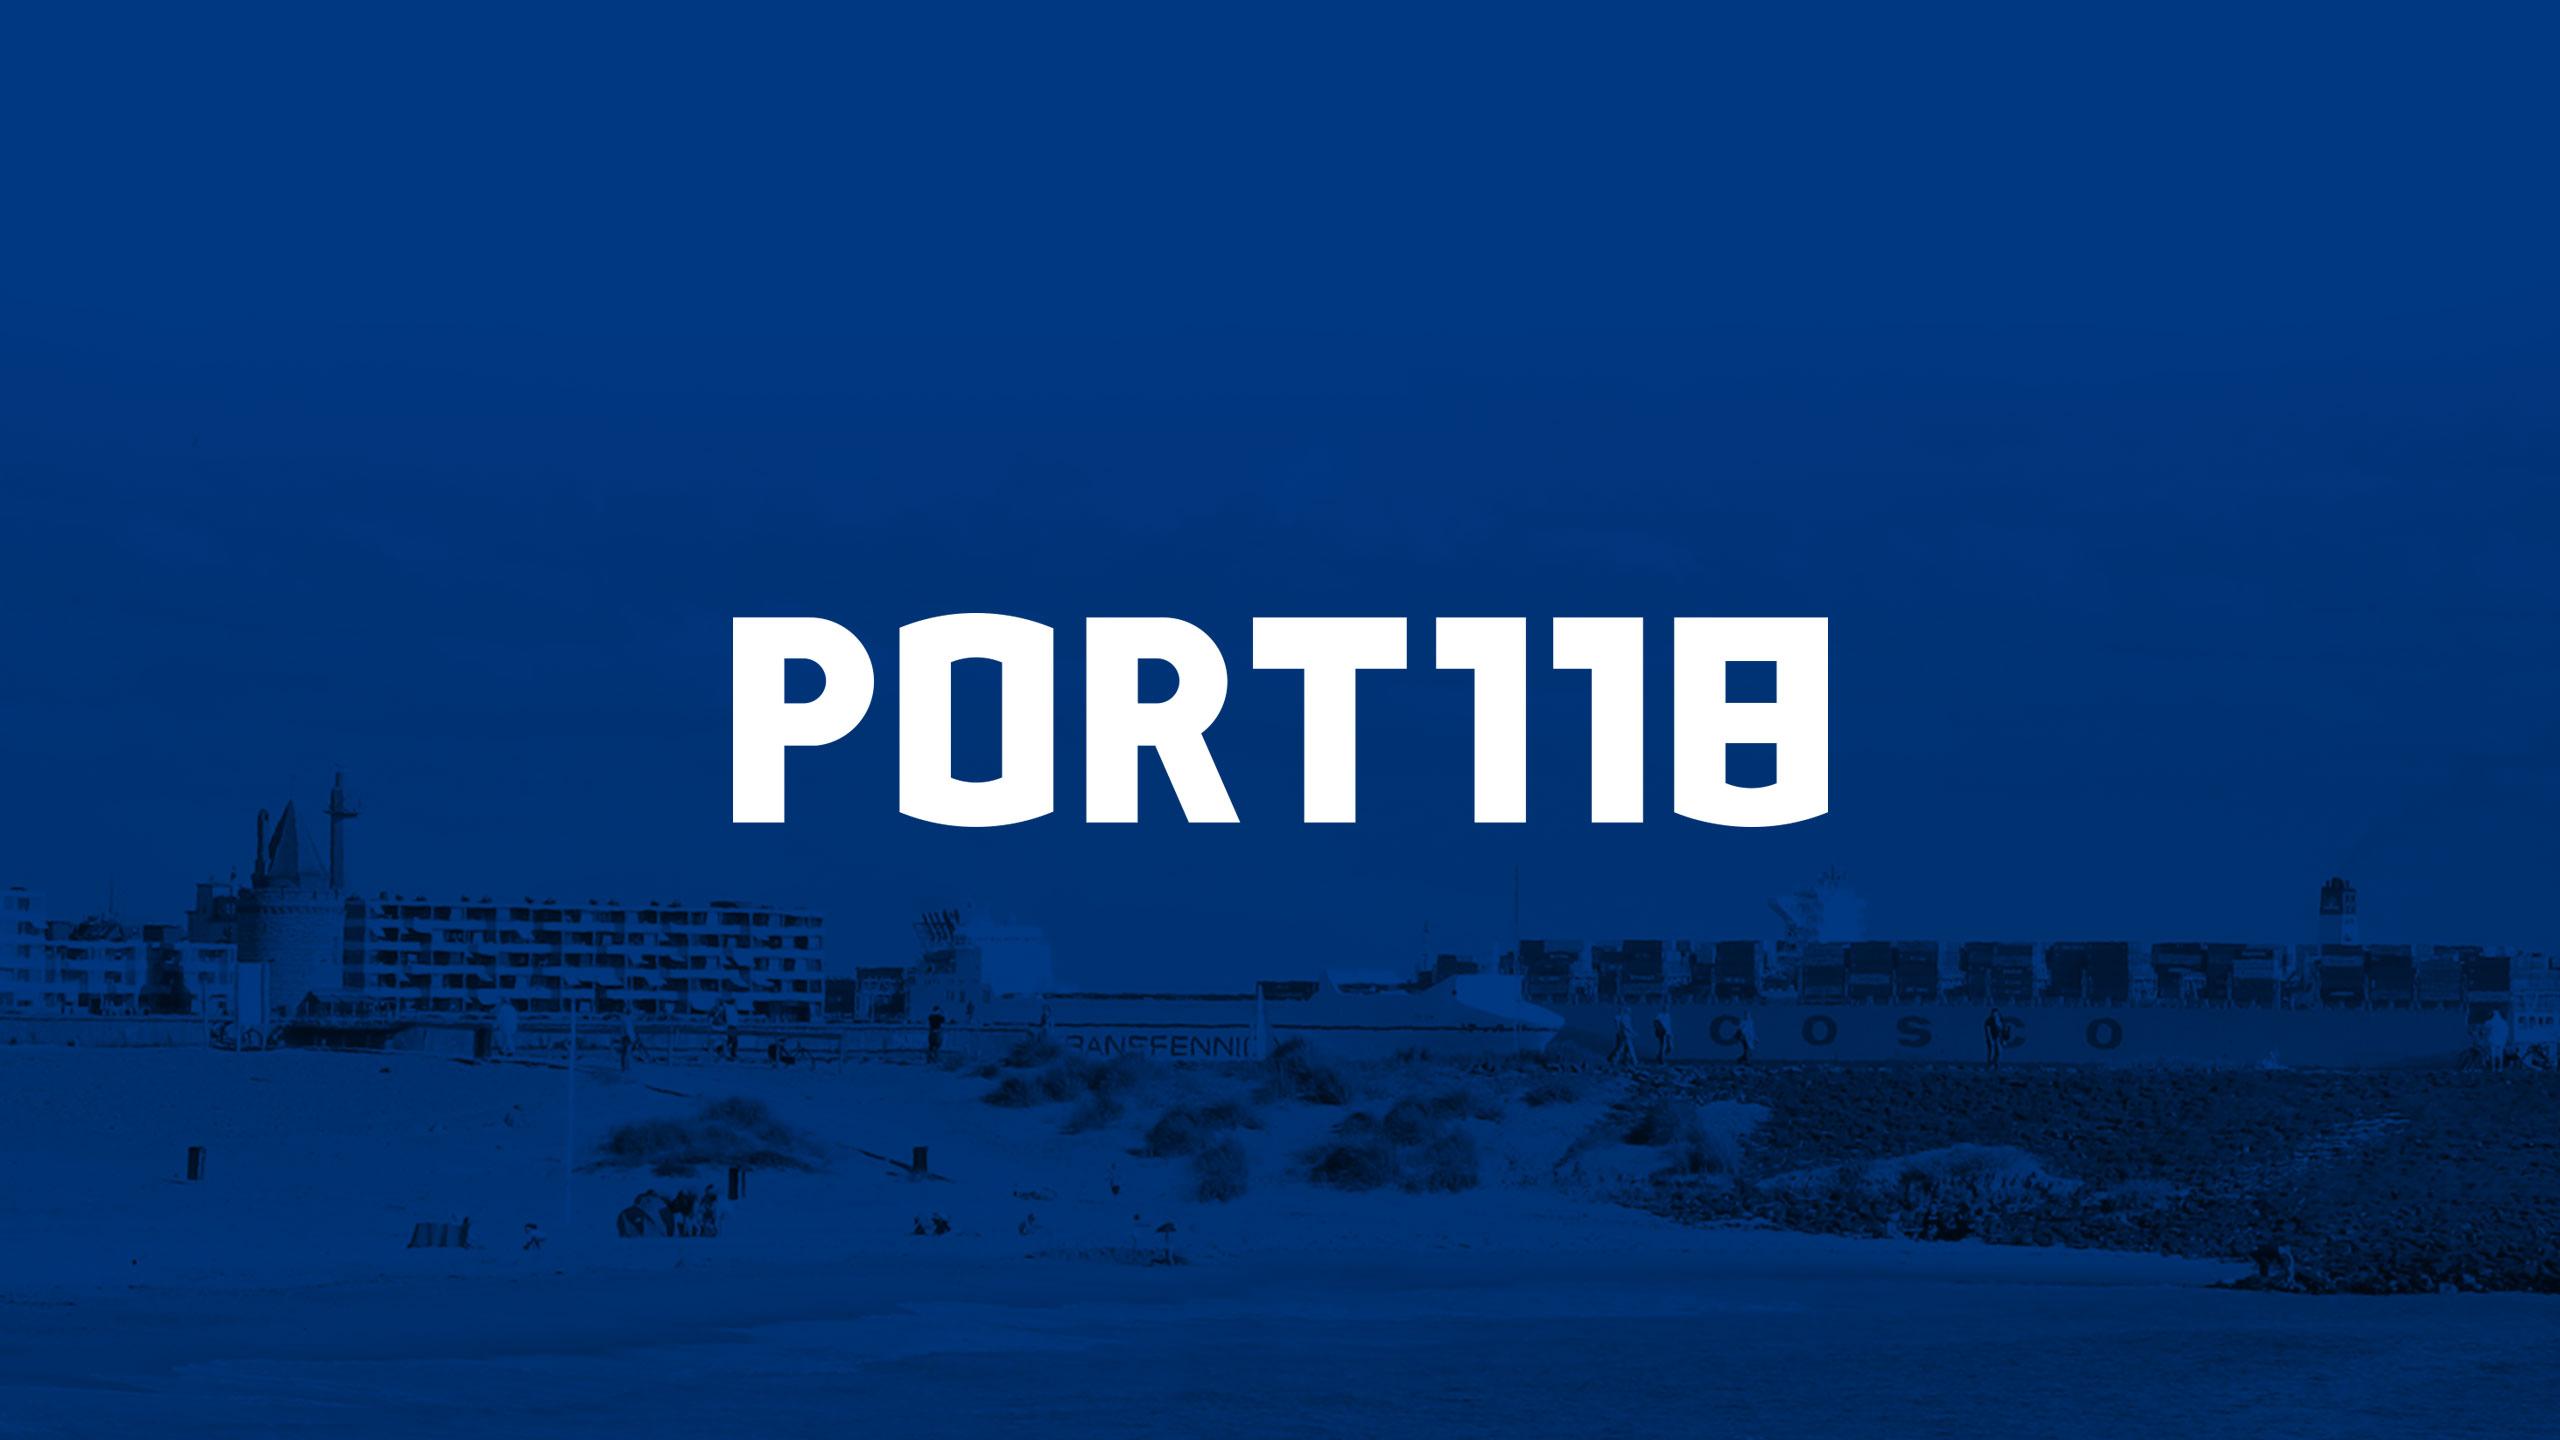 PORT118 free font